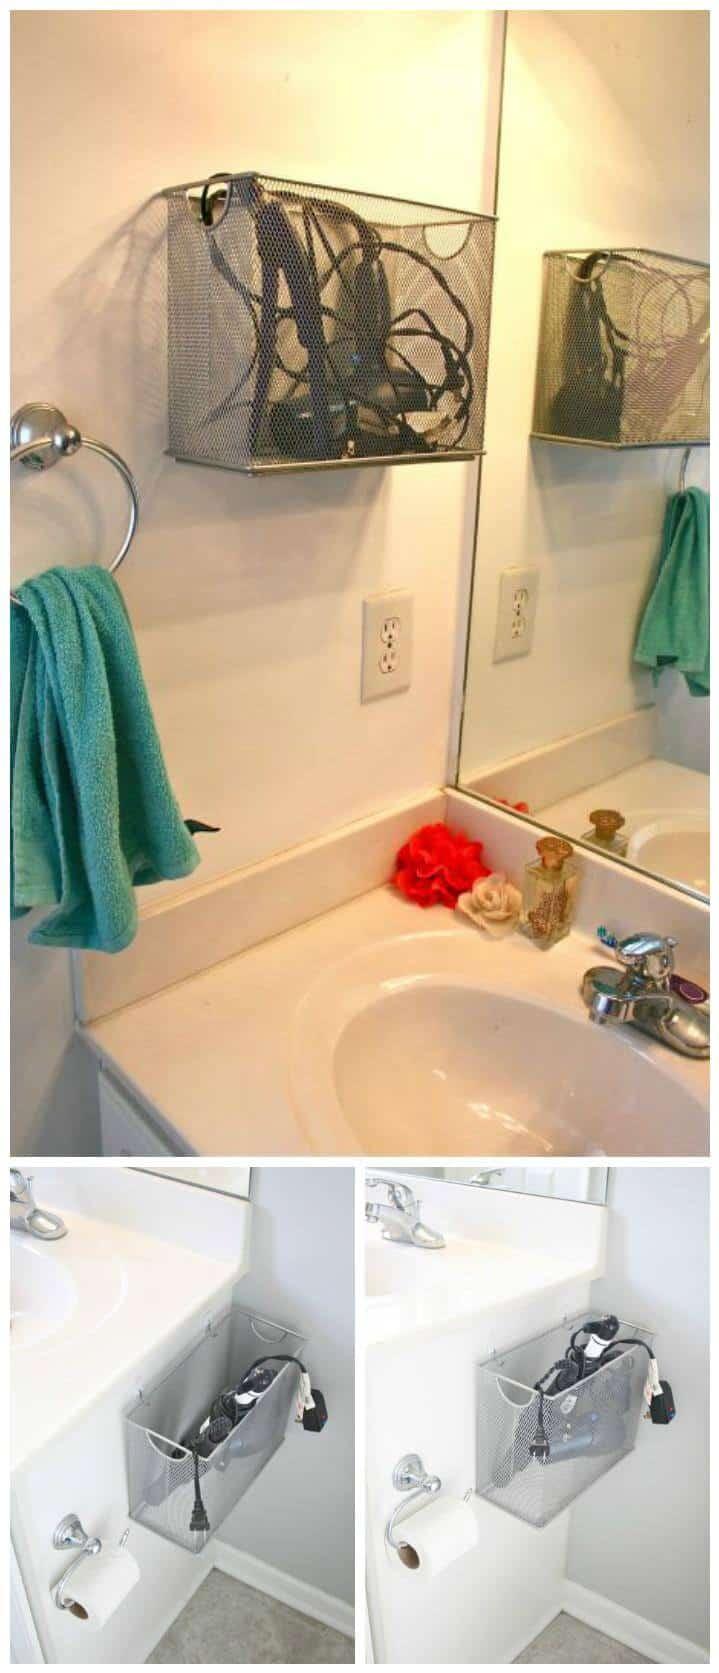 caja de archivos reutilizada almacenamiento de electrodomésticos de baño